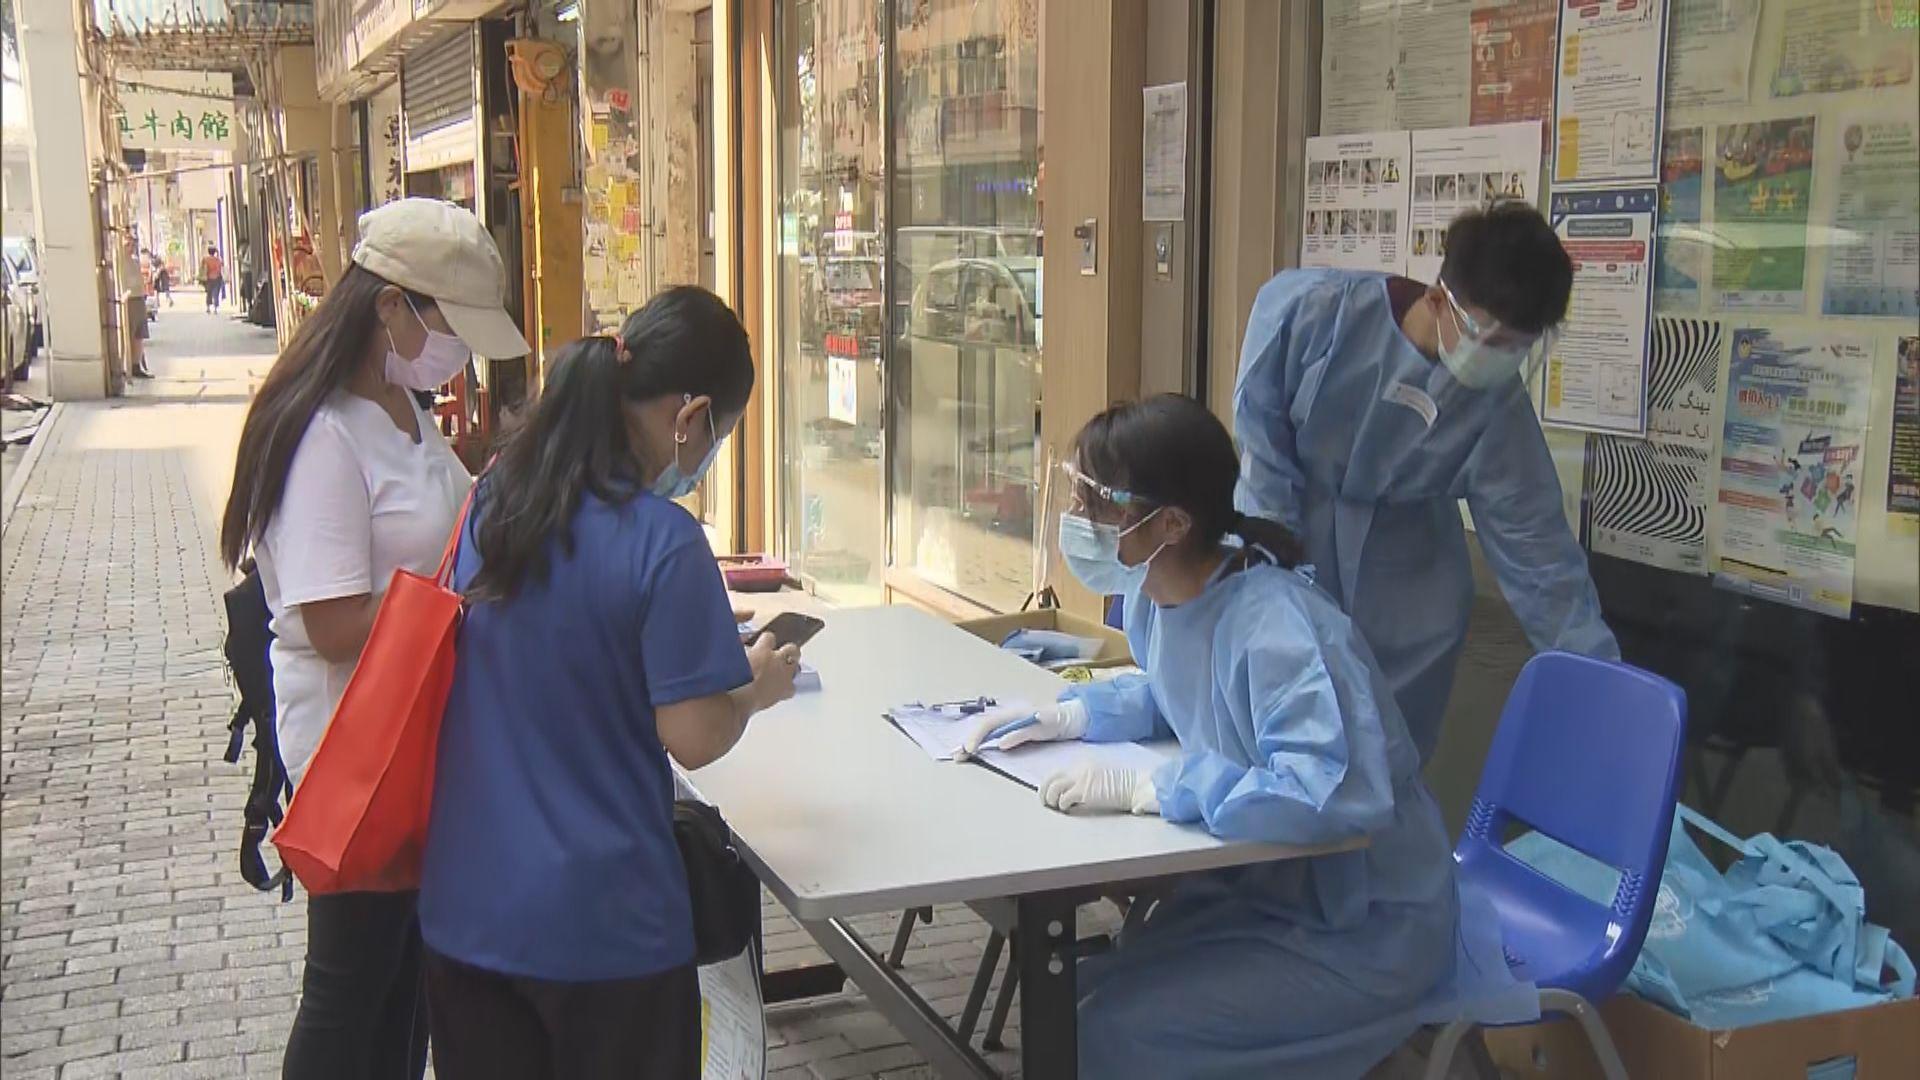 政府向九龍城區泰籍人士派發樣本瓶作免費檢測